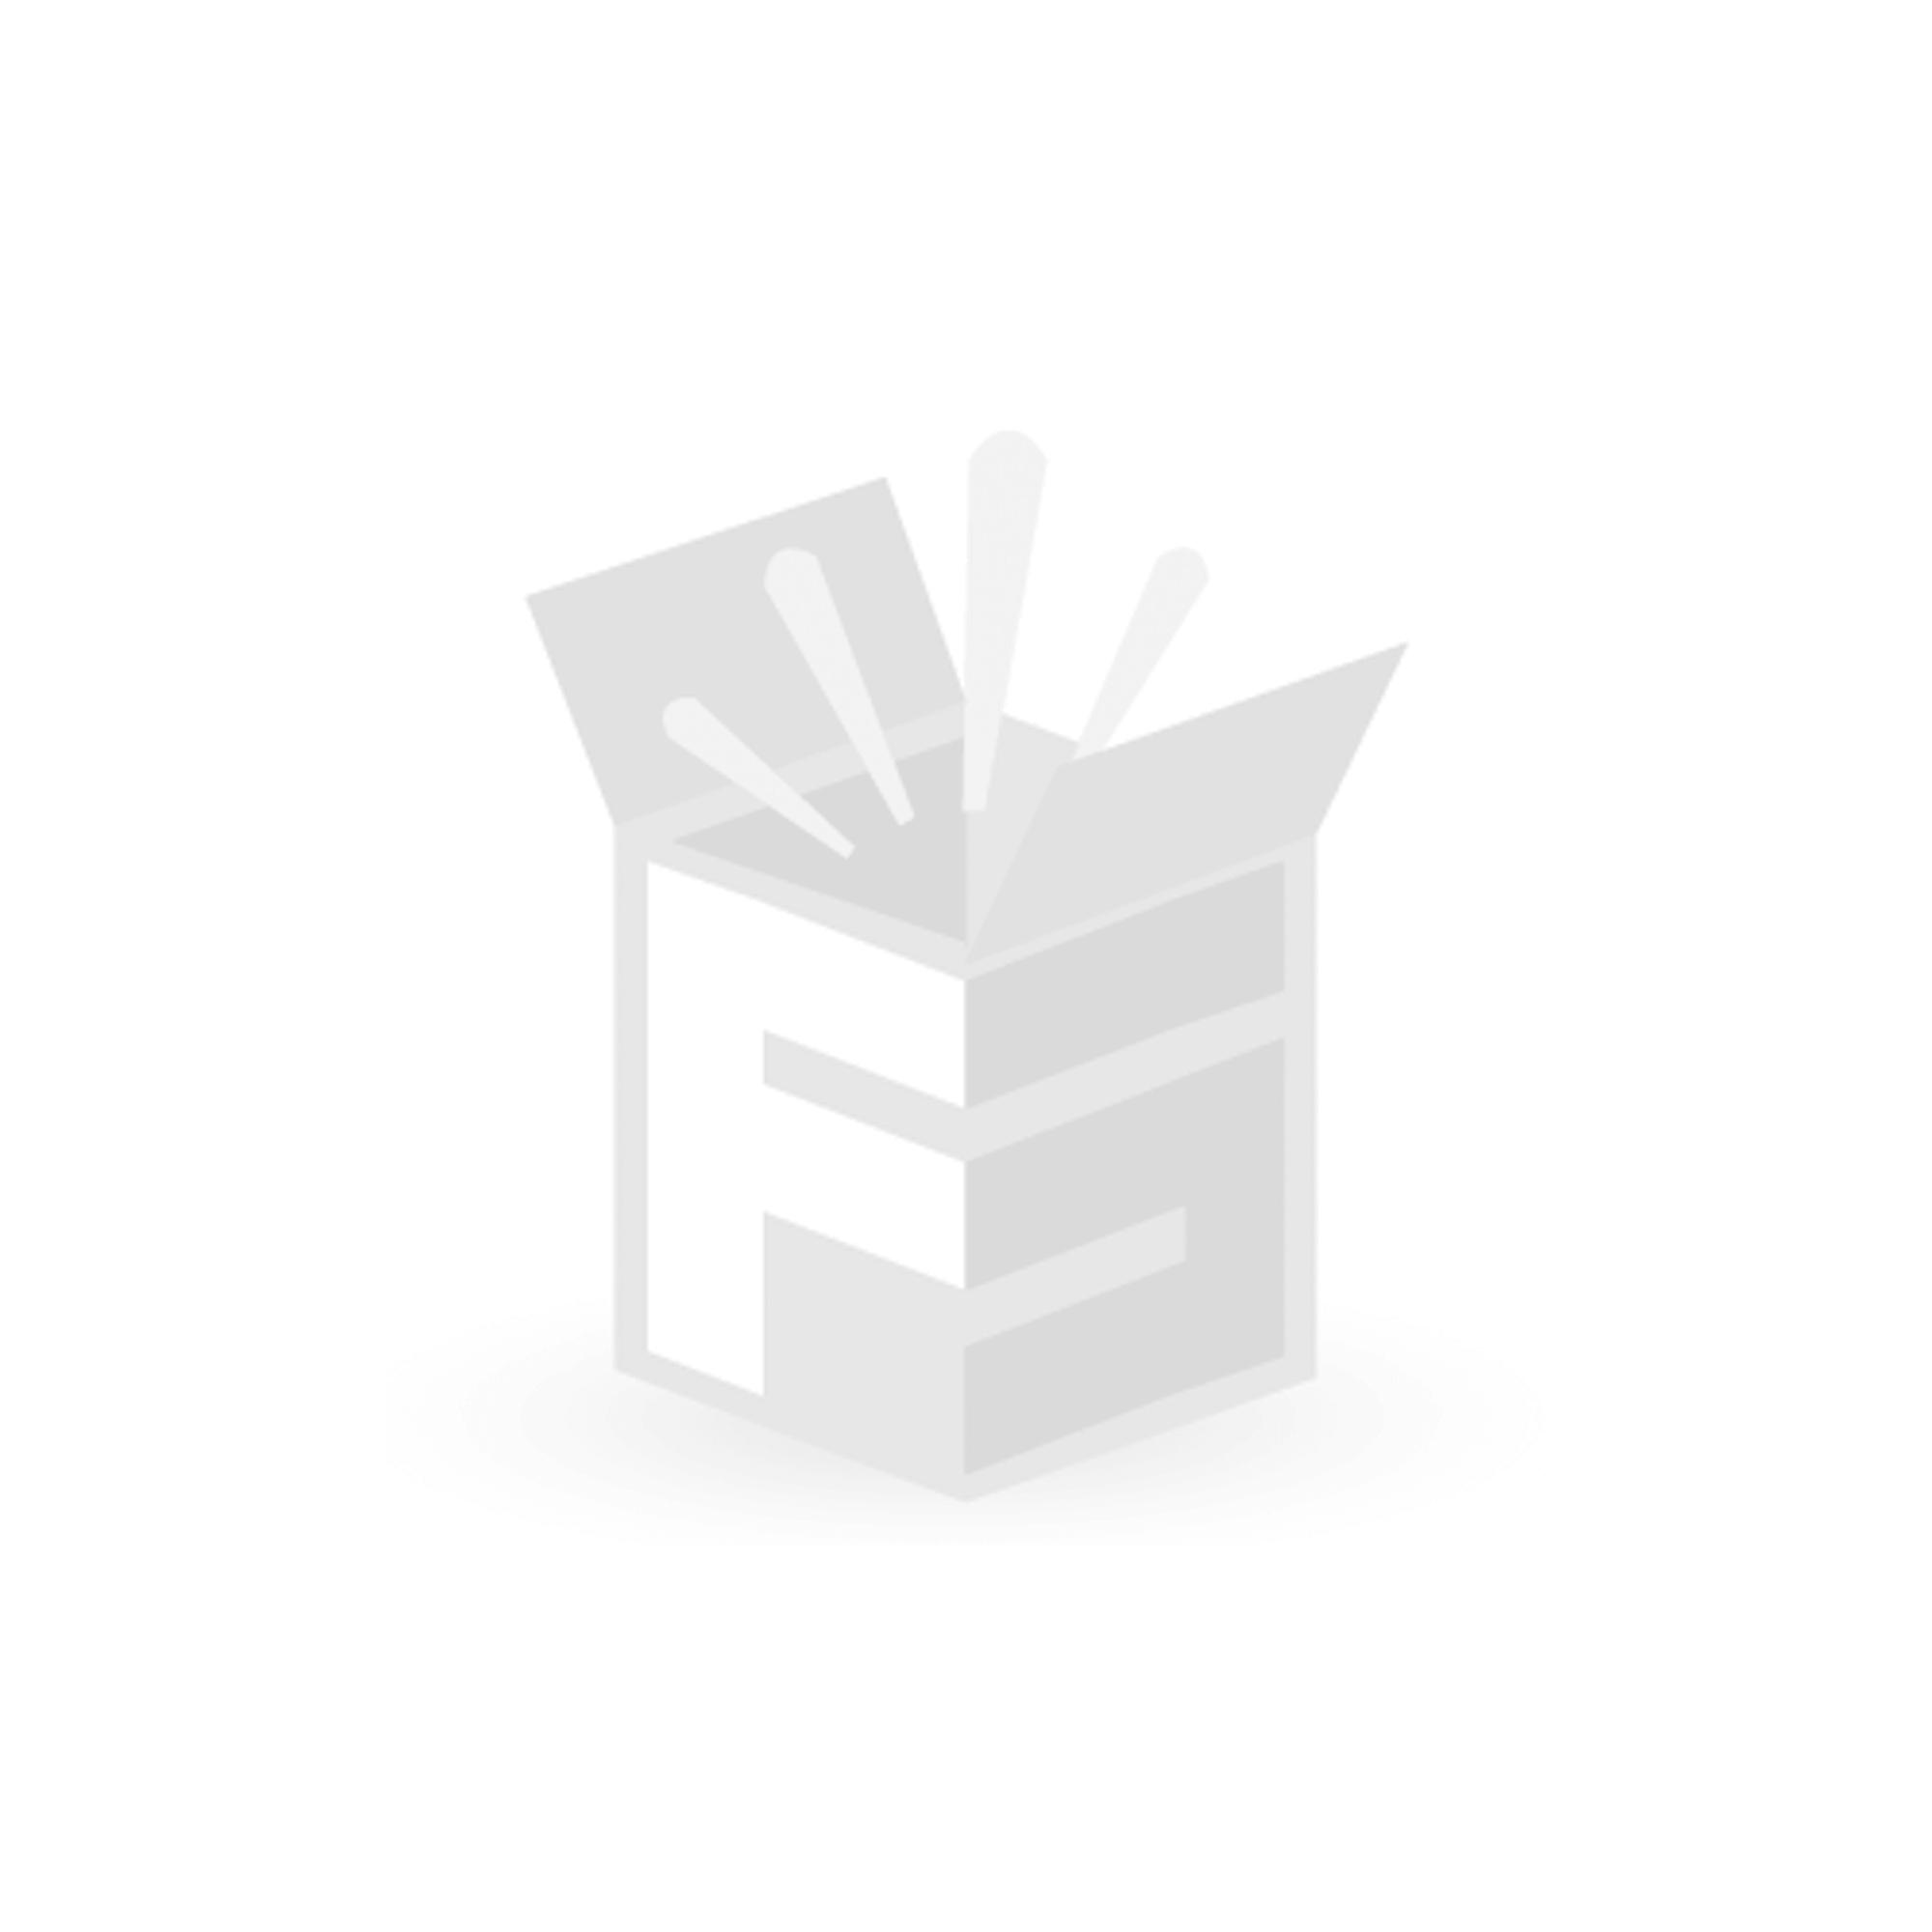 Contini höhenverstellbarer Bürotisch 180 x 80 cm, weiss / Gestell dunkelgrau